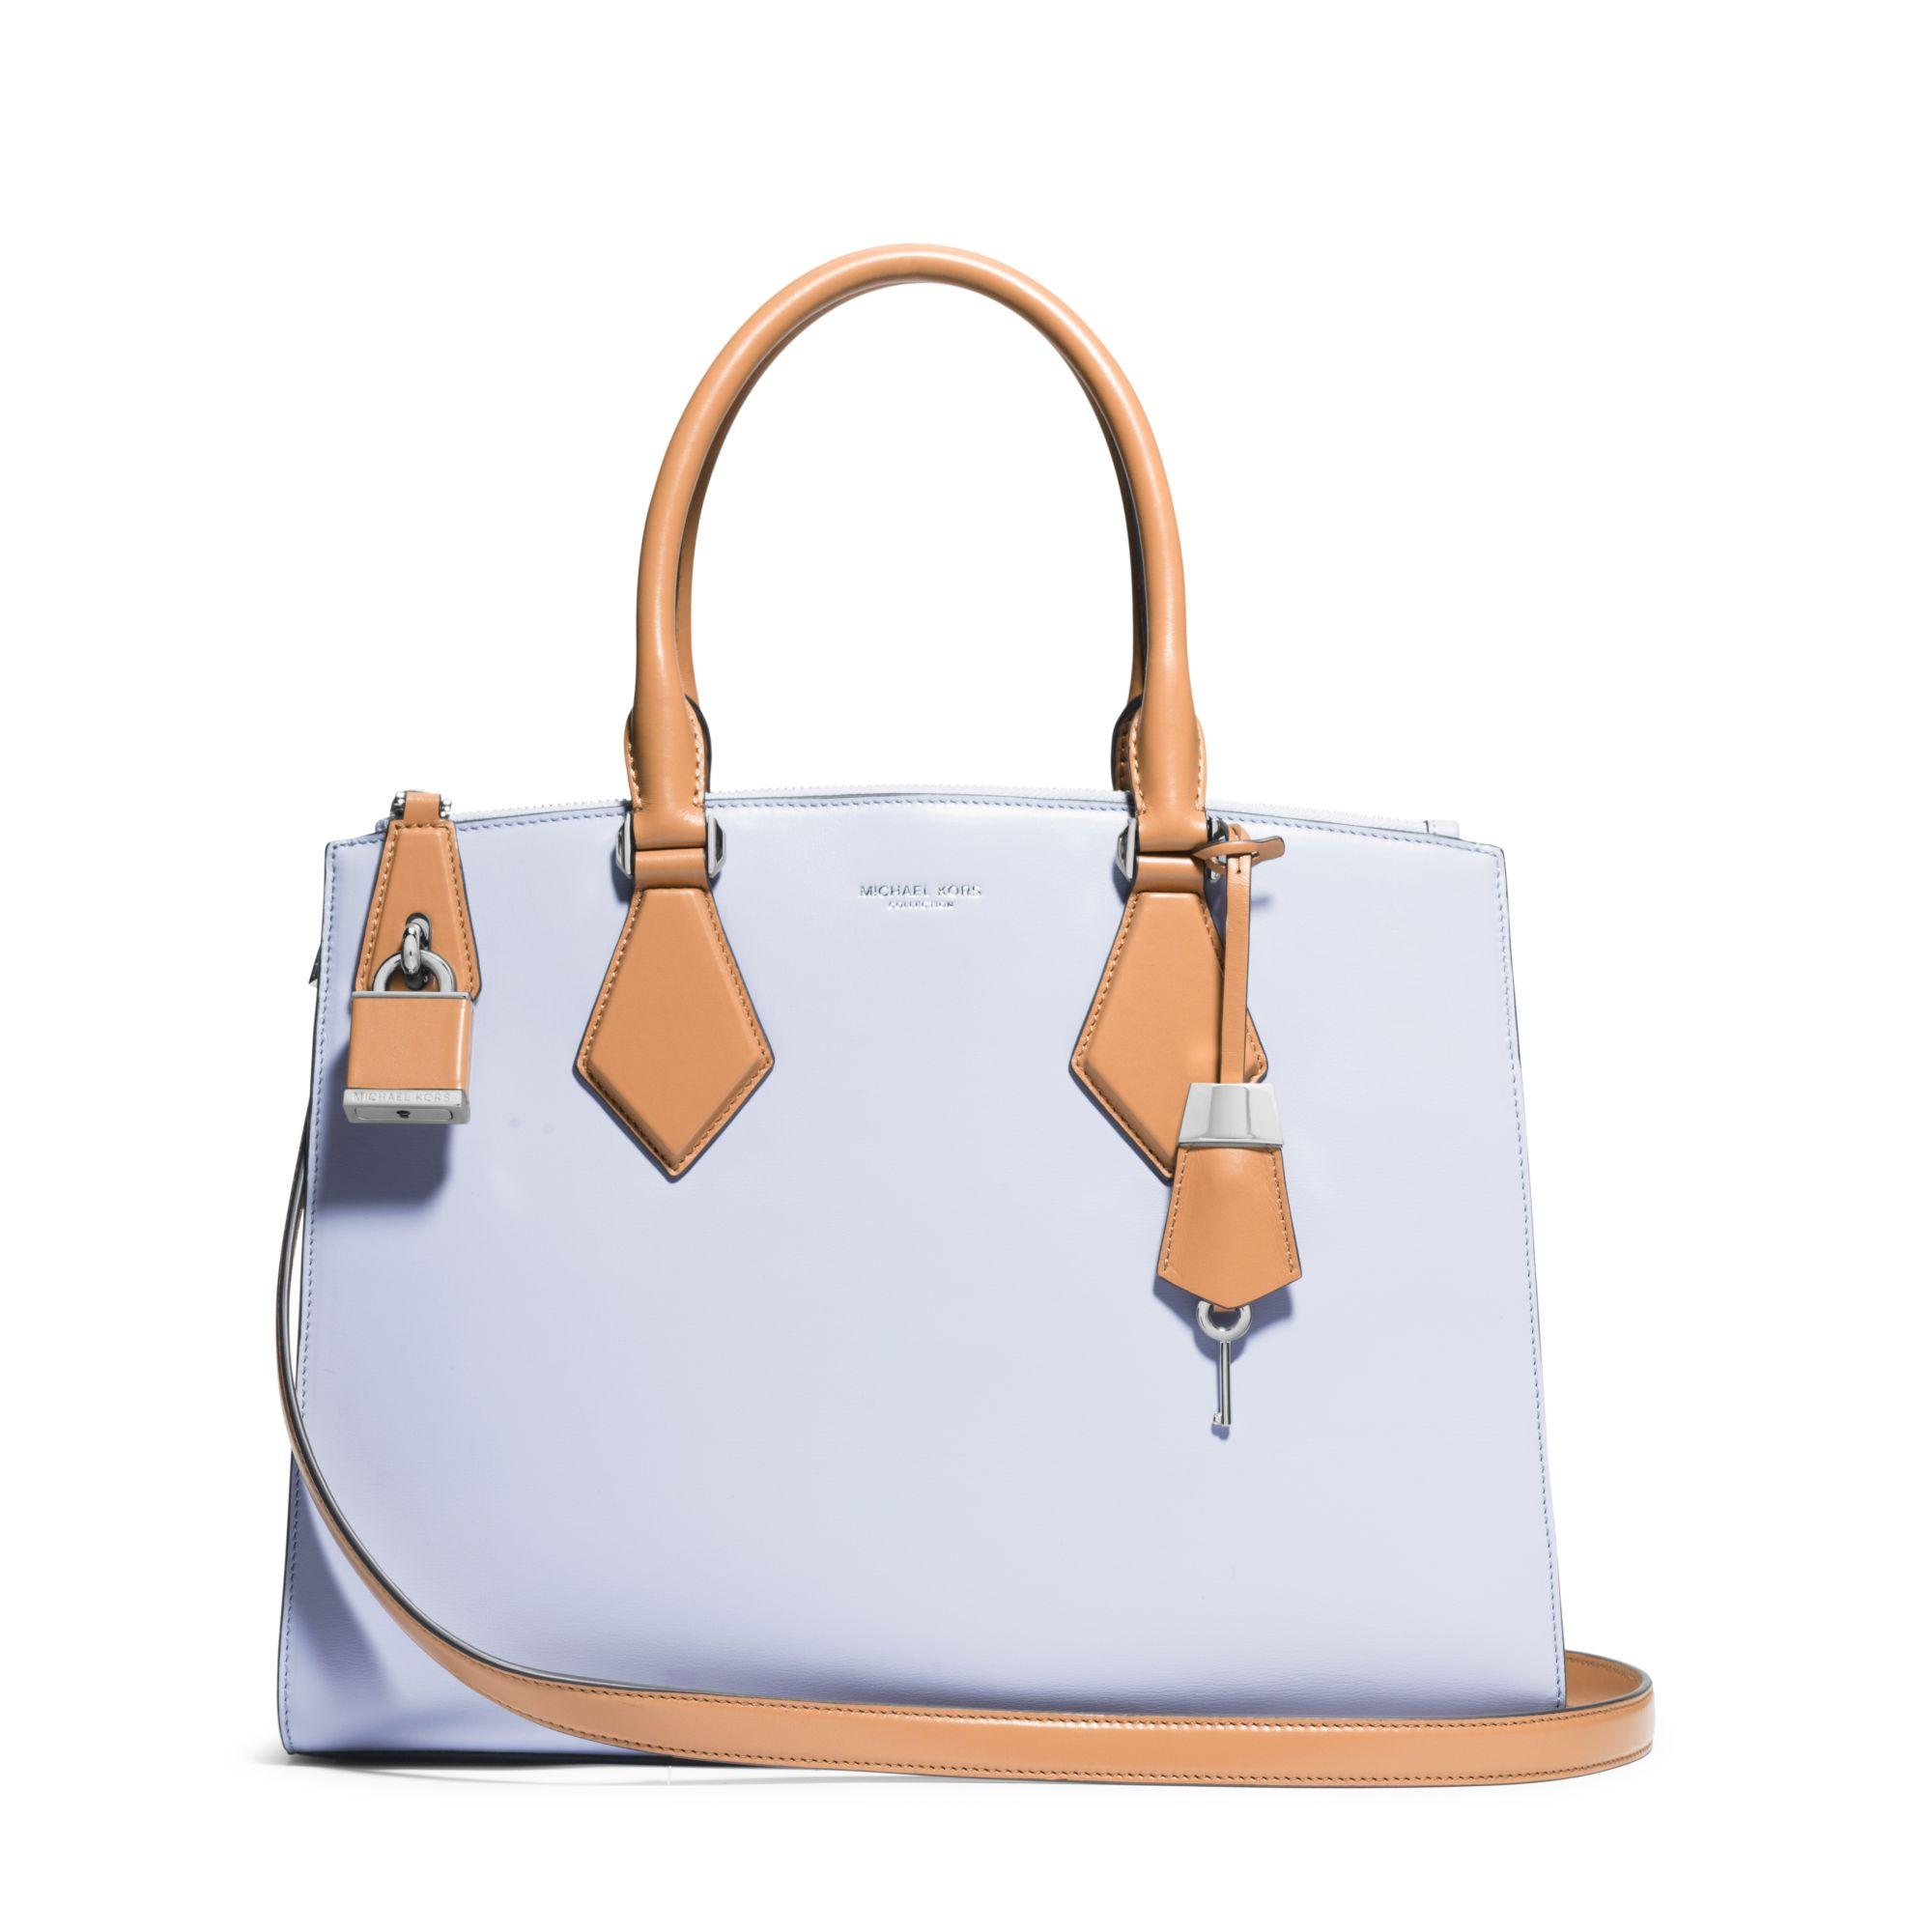 45996b1c754c michael kors casey large leather satchel